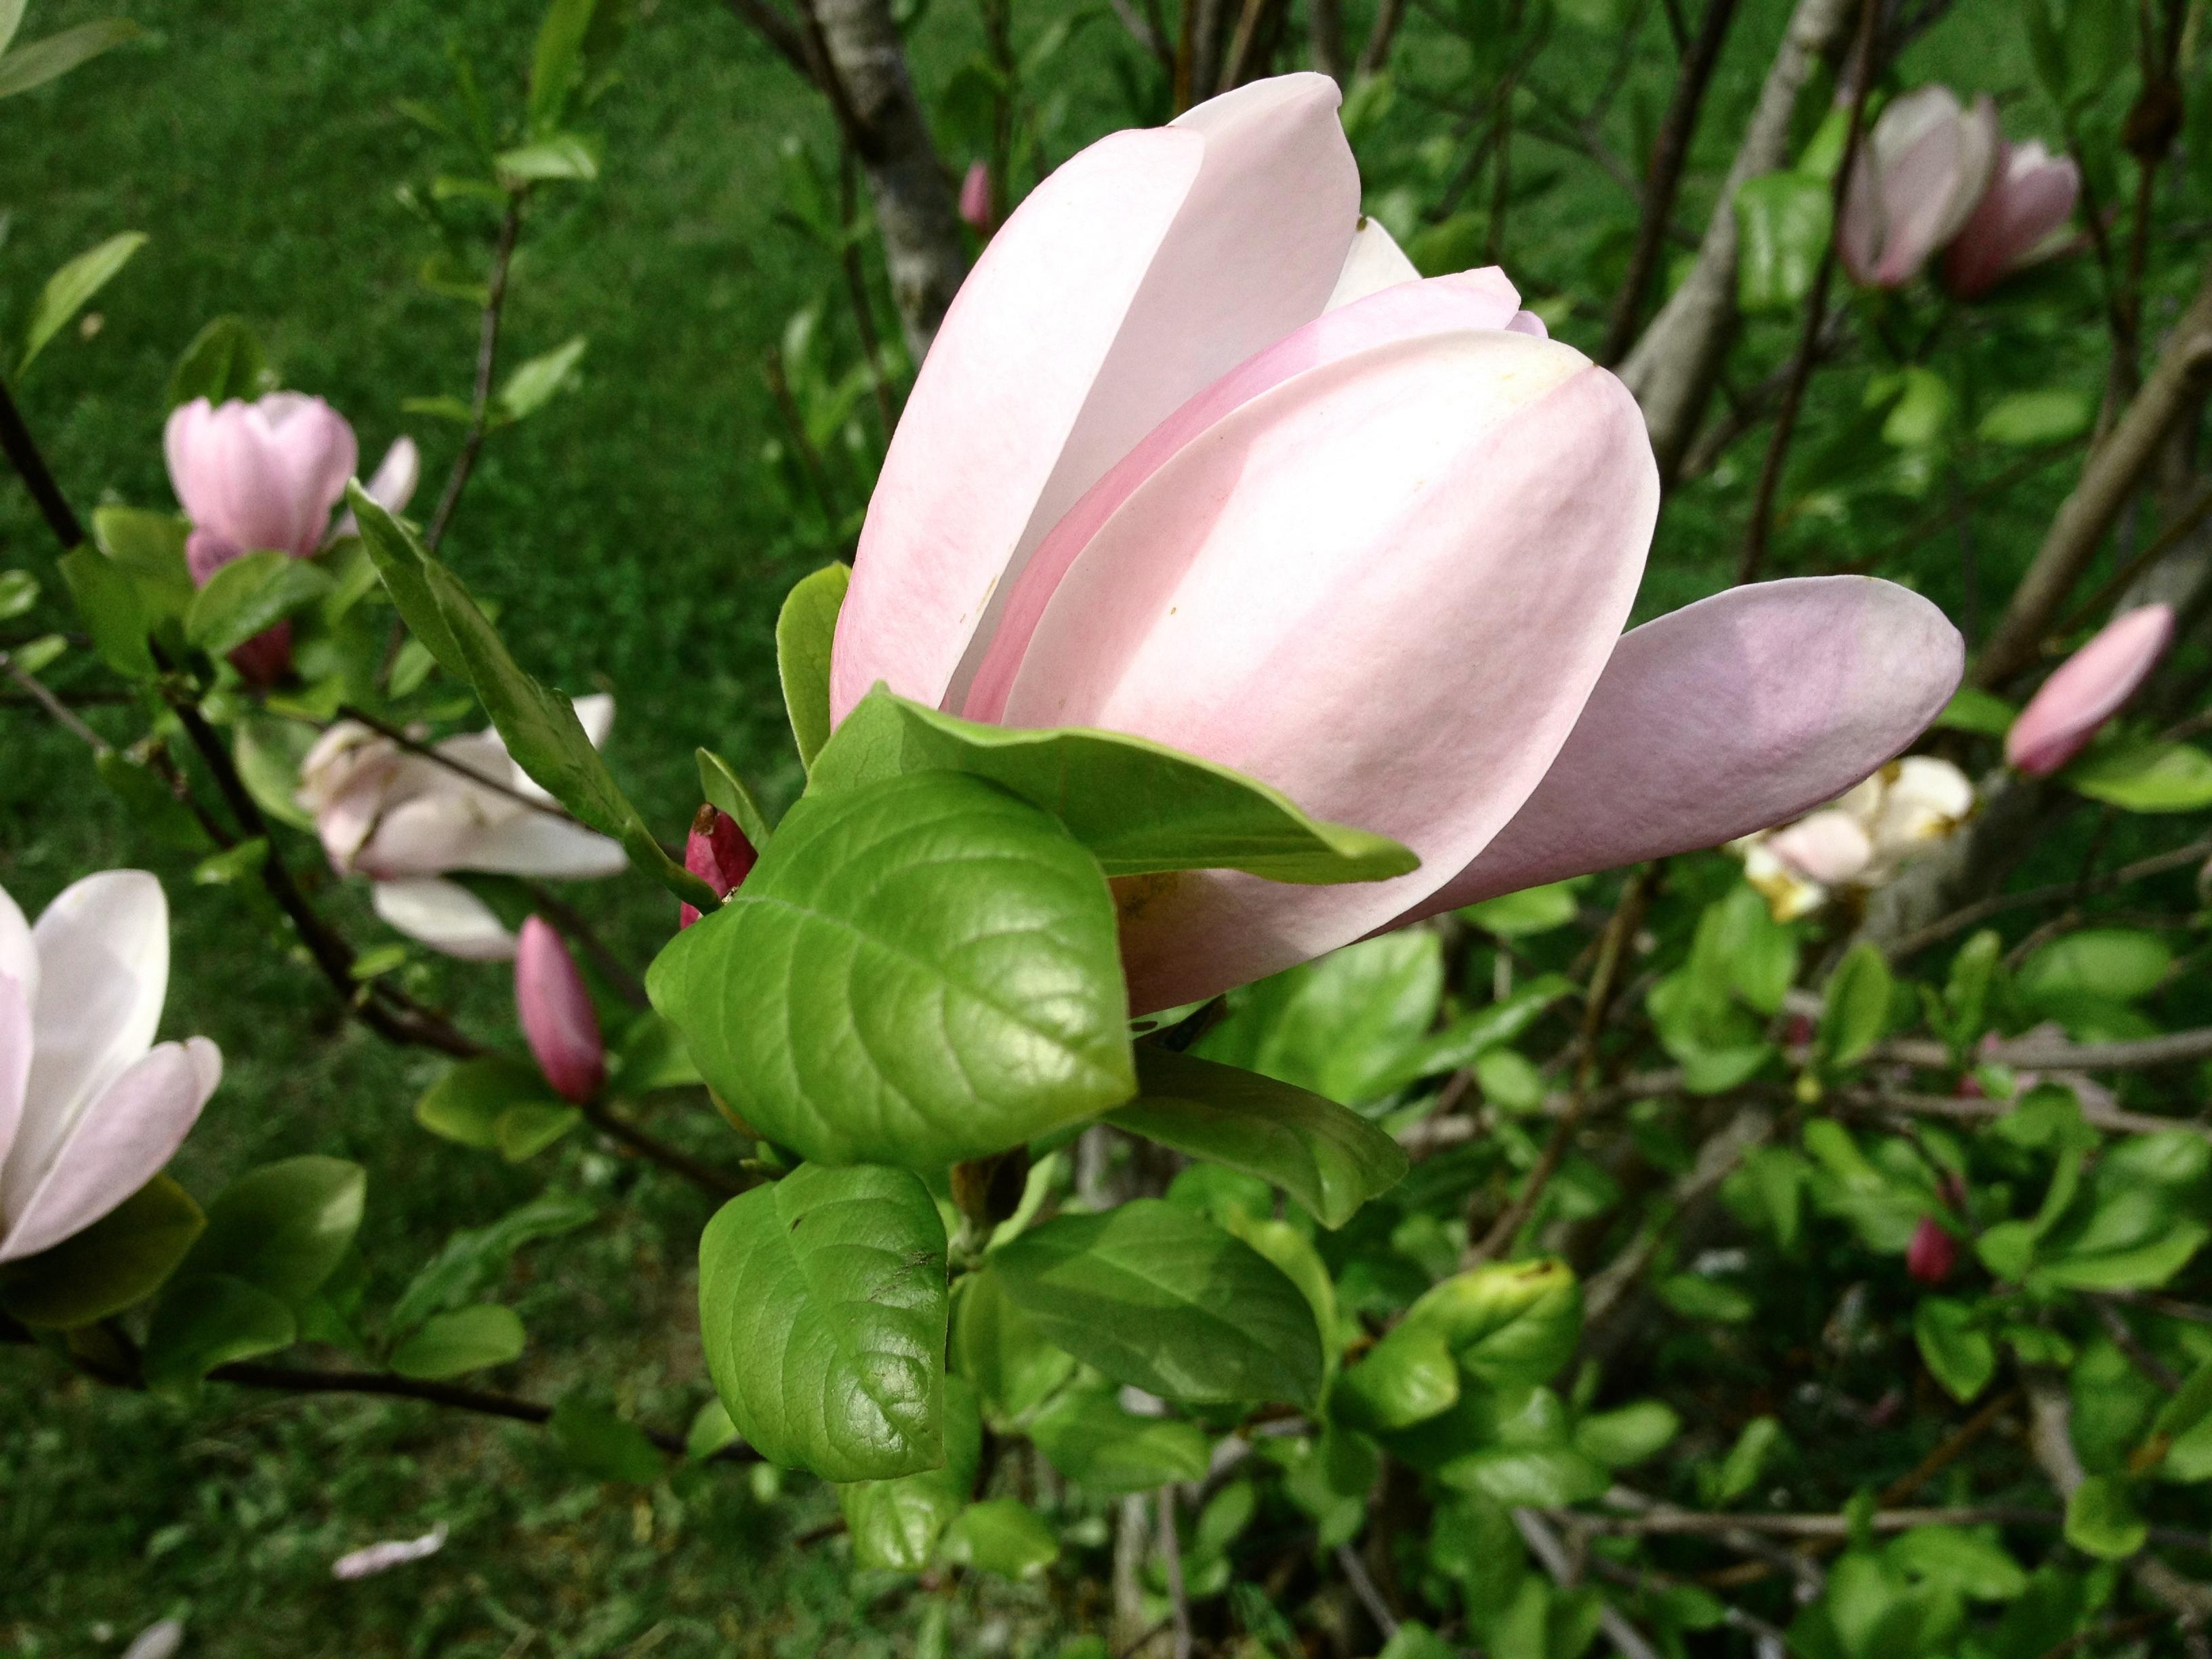 Kostenlose Foto Natur Bluhen Blume Blutenblatt Sommer